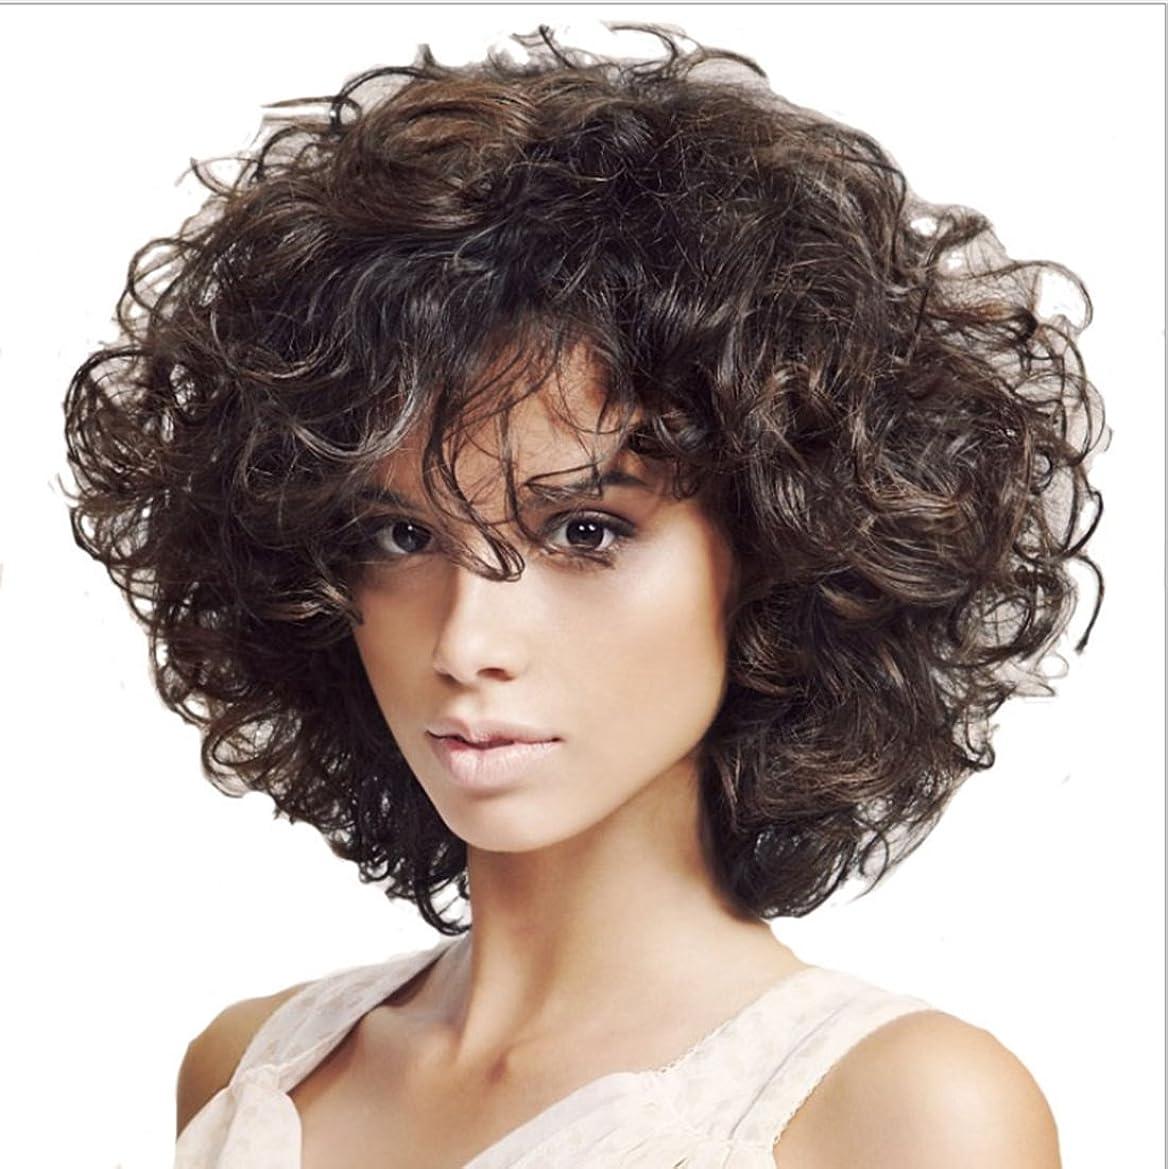 リネンプレートバクテリアJIANFU 女性のための13inch高温のかつら部分的なバグのウィッグの短い縮毛髪耐熱性のためのふわふわした小さいウィッグ(ダークブラウン) (Color : Dark brown)